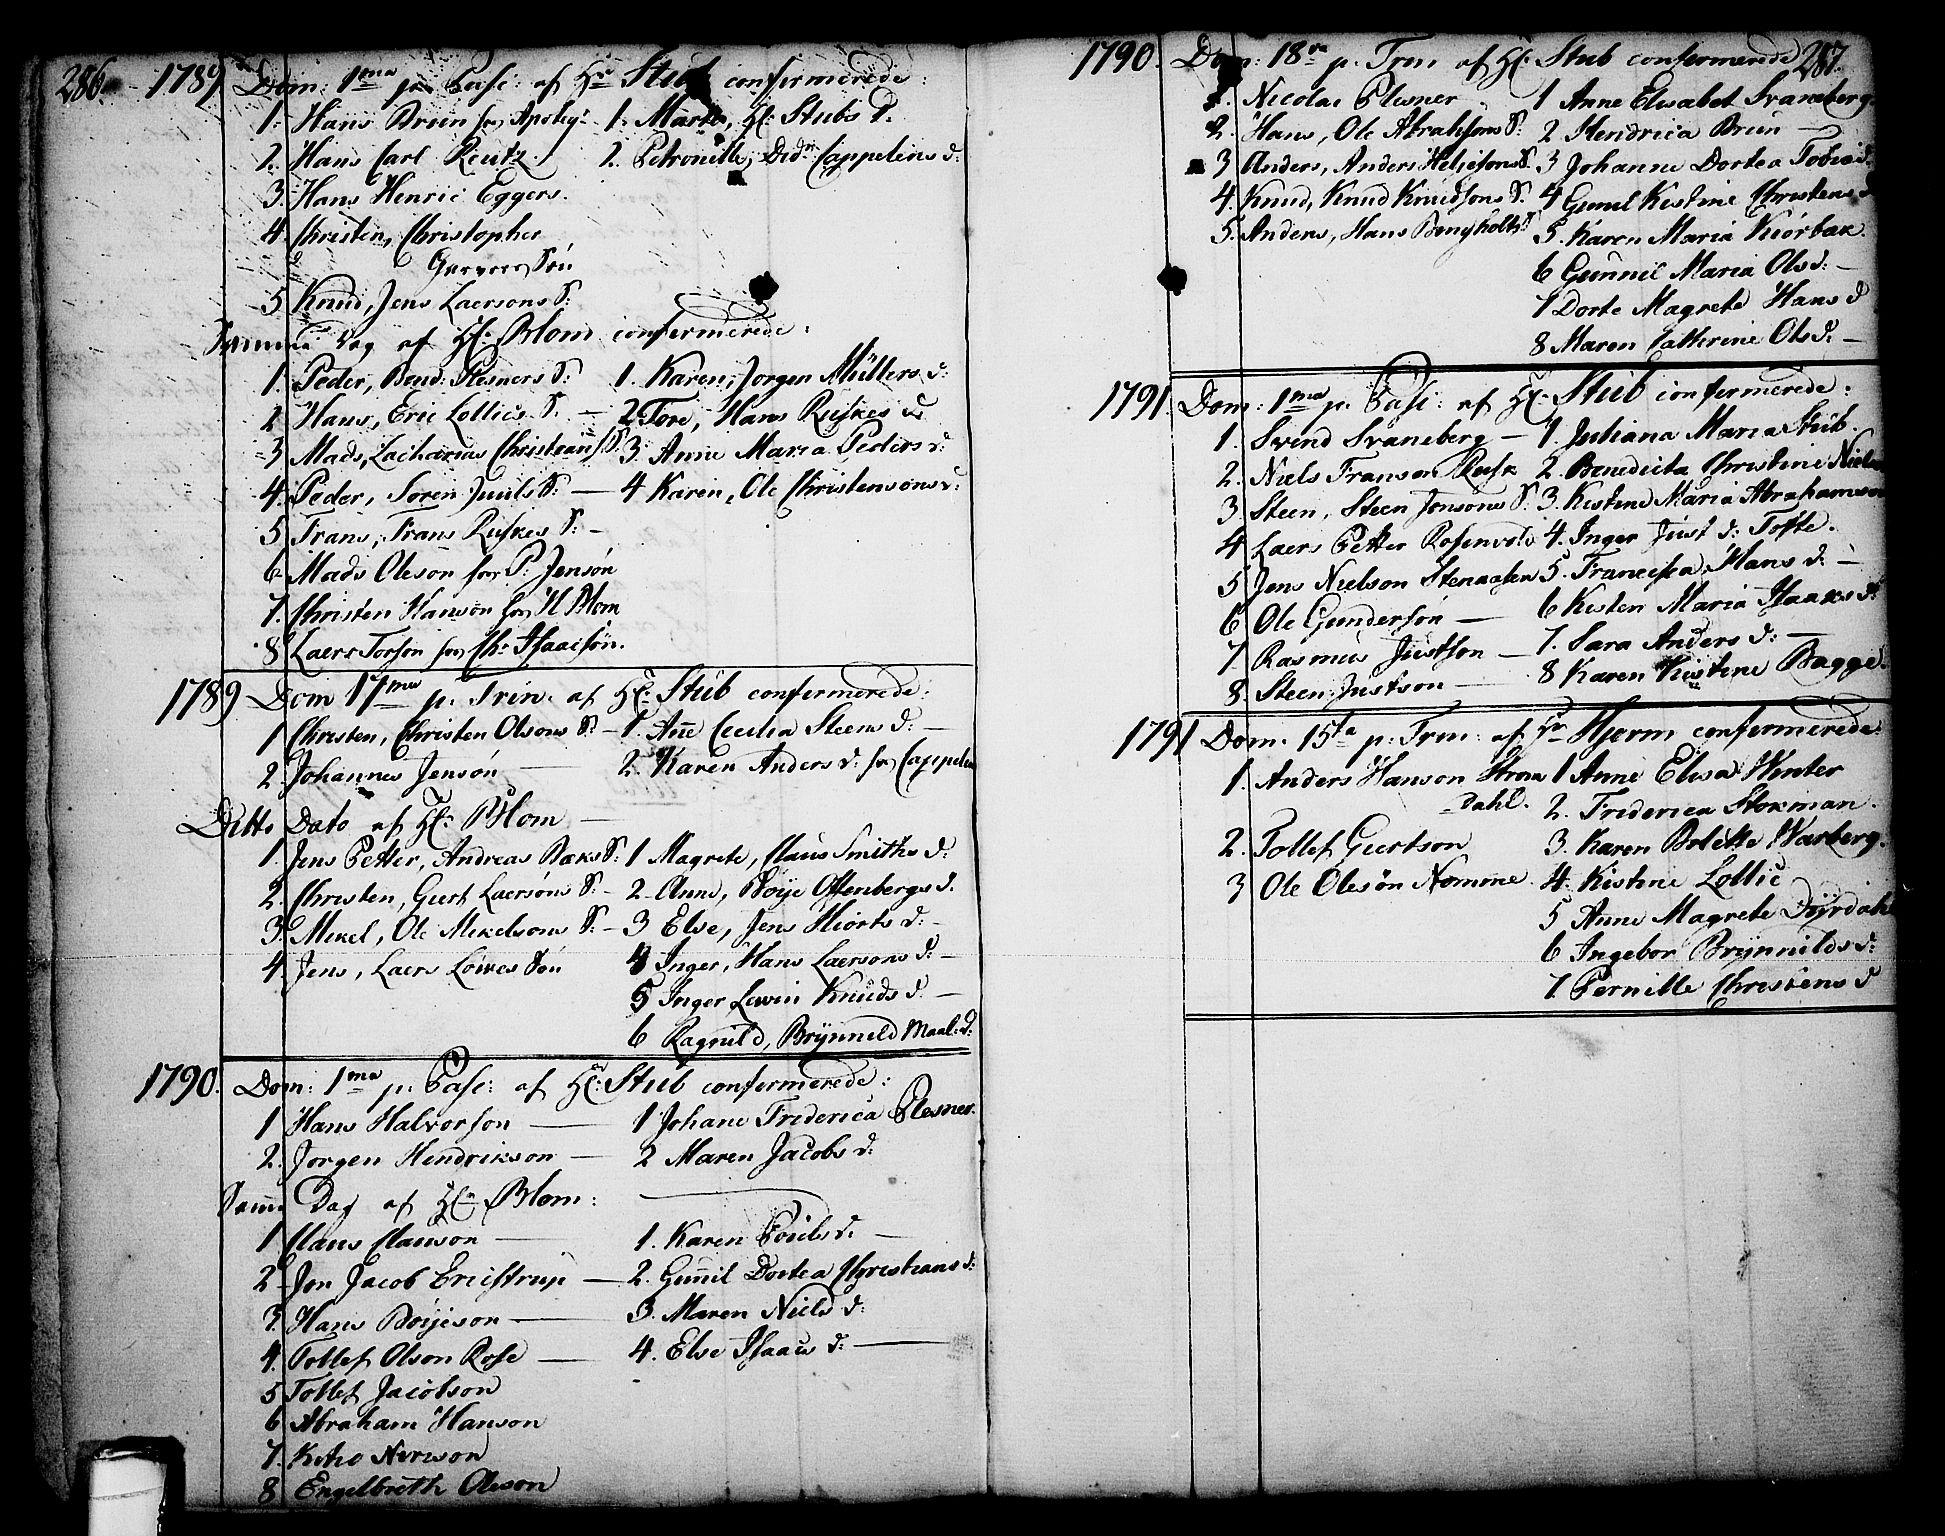 SAKO, Skien kirkebøker, F/Fa/L0003: Ministerialbok nr. 3, 1755-1791, s. 286-287